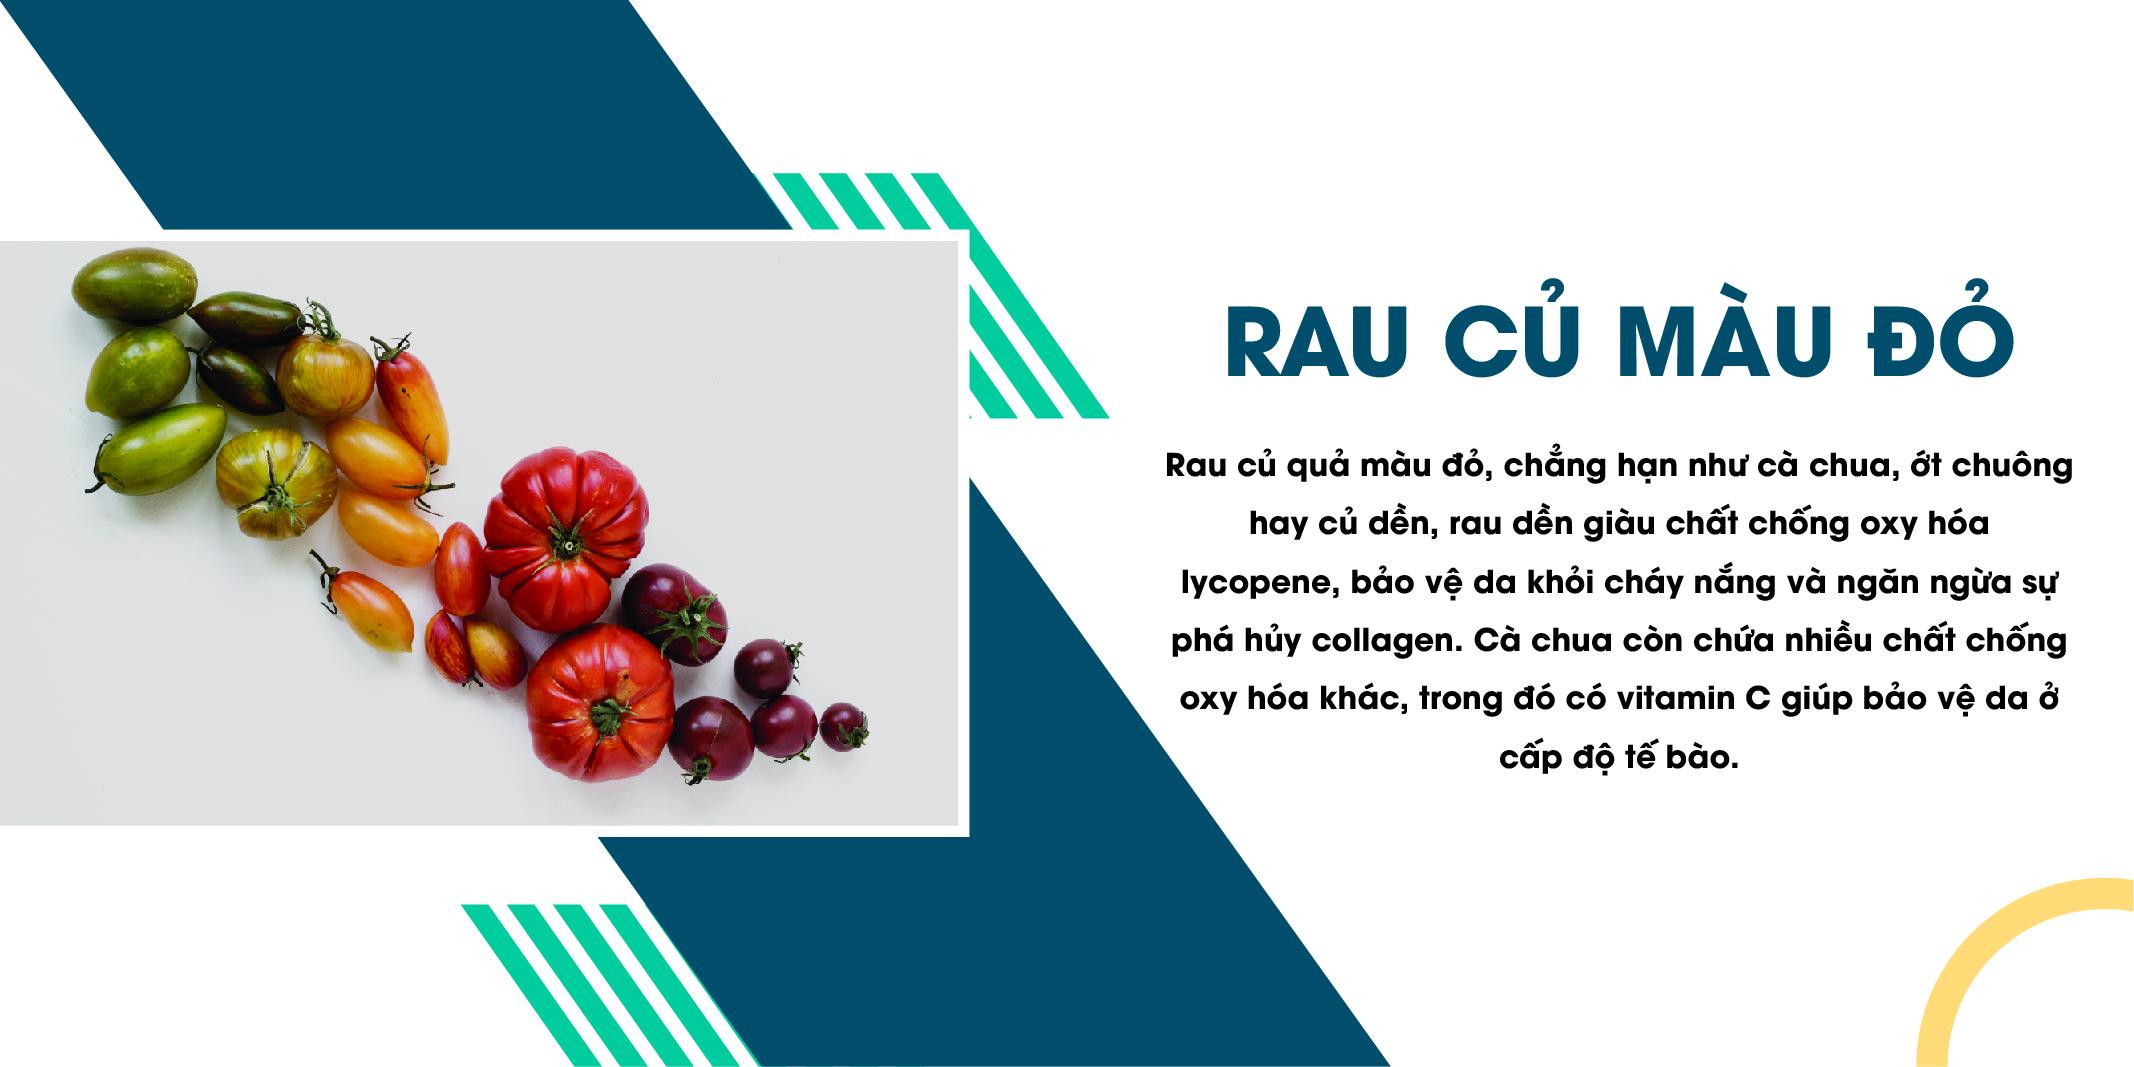 Các loại rau củ có màu đỏ, chống nhăn da